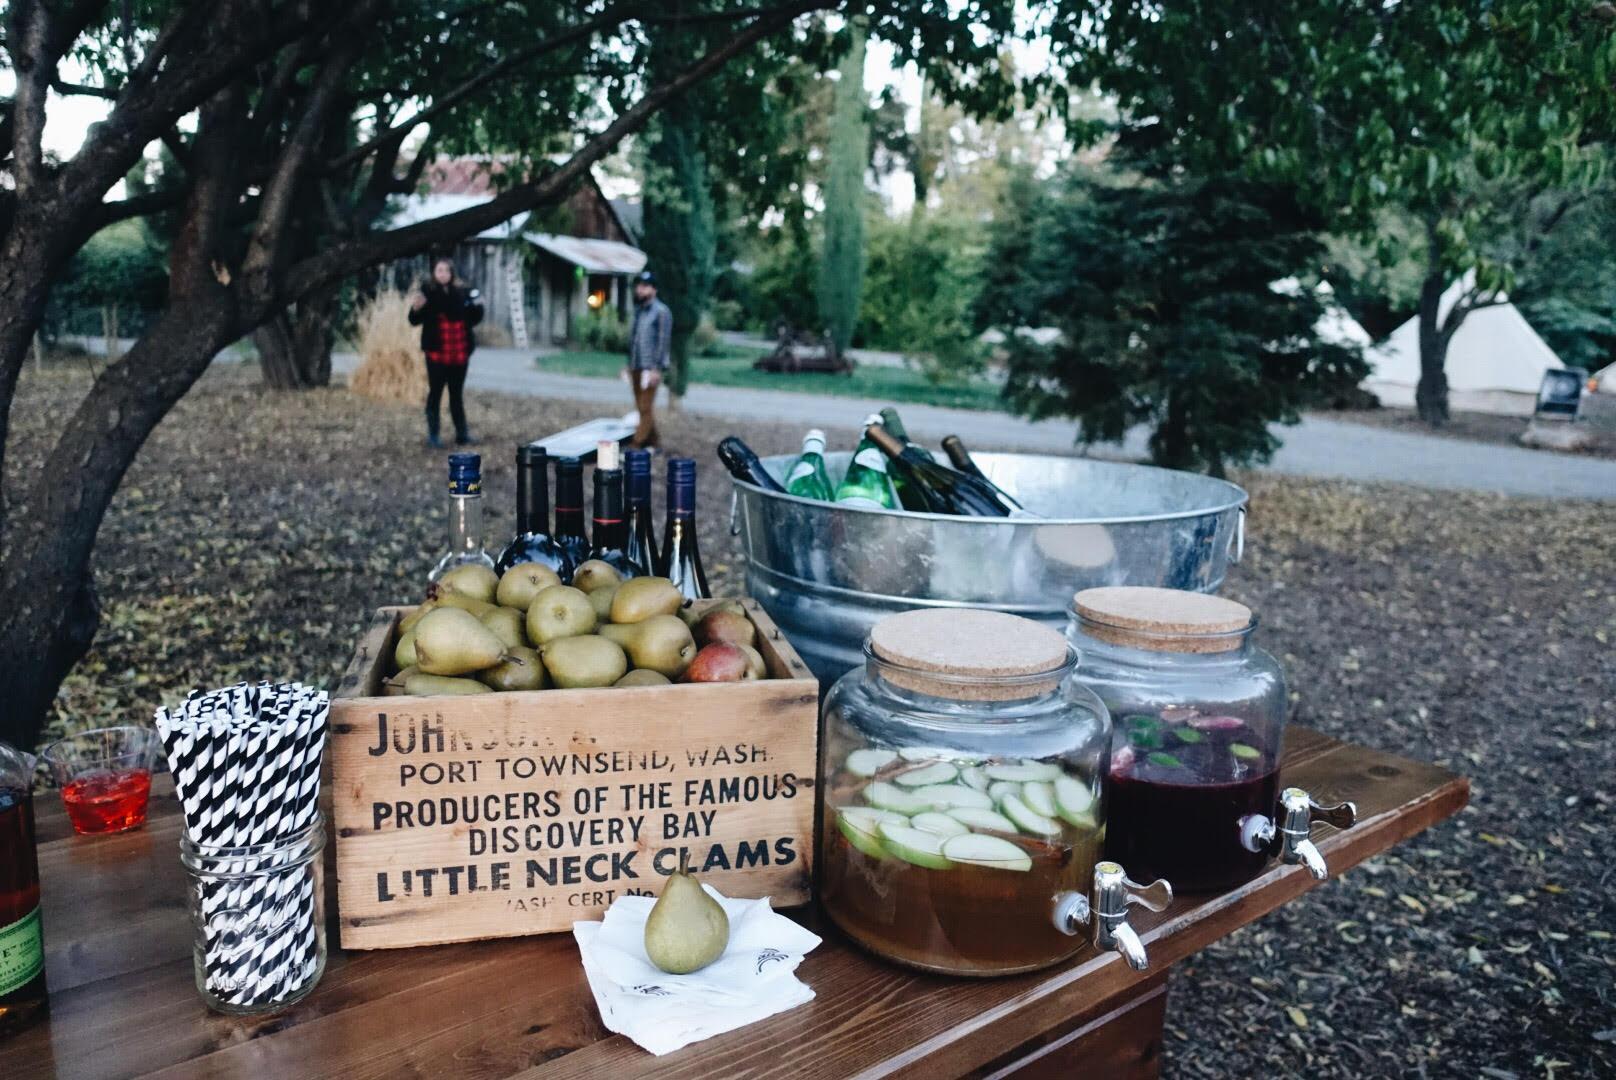 citnb-cobram-olive-oil-tasting-16